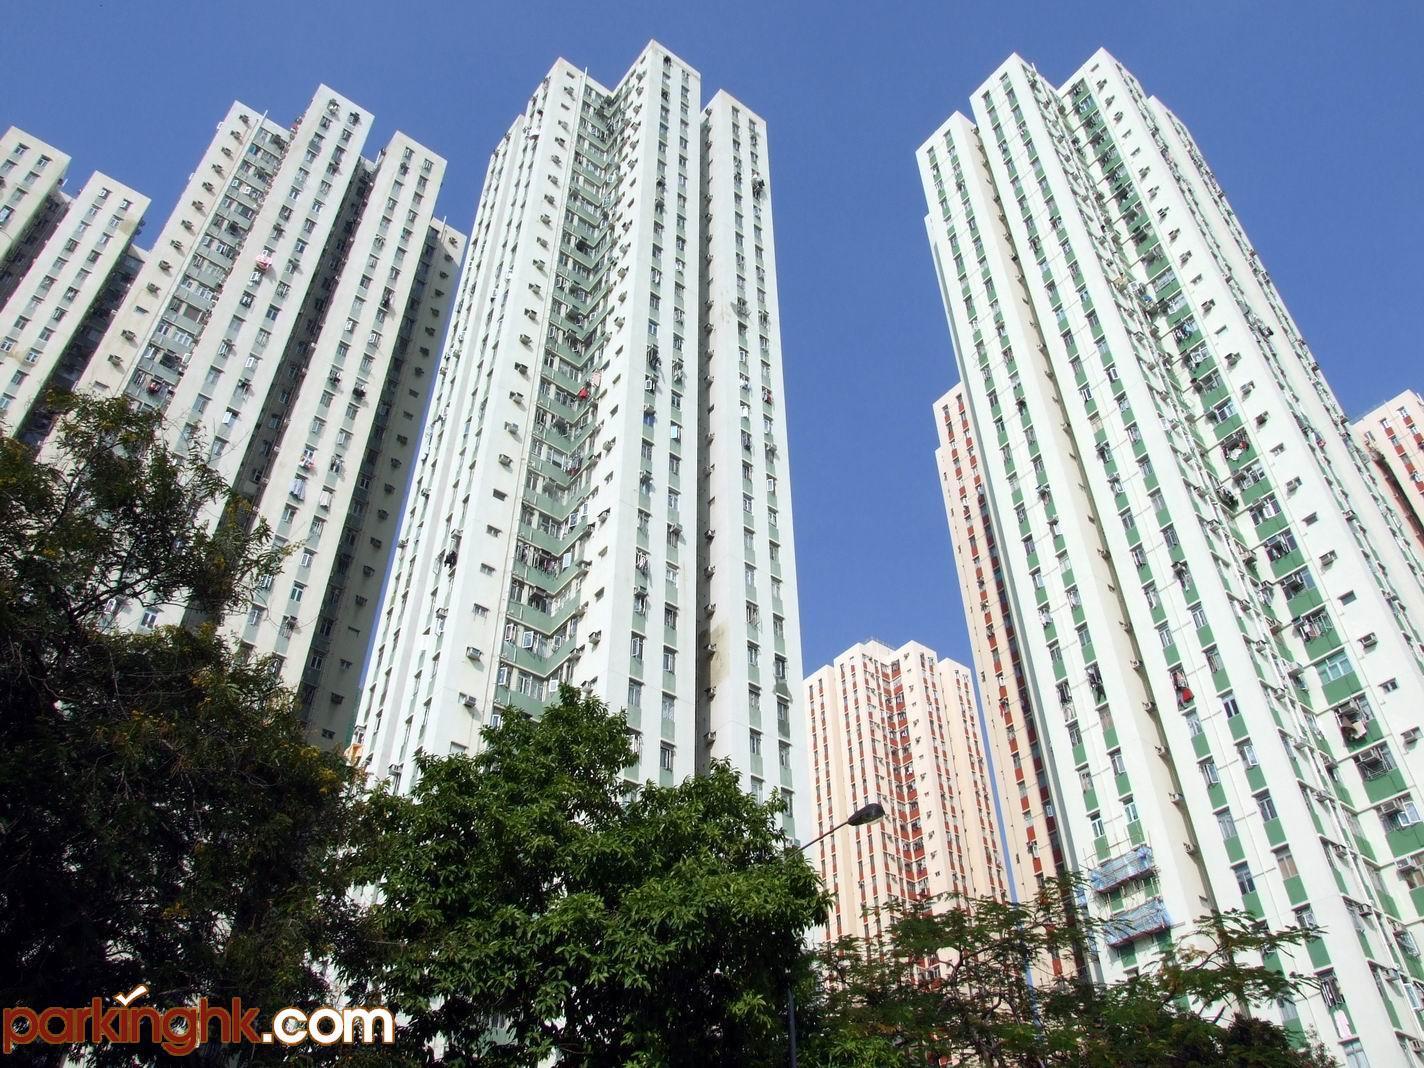 九龍灣車位 宏光道  麗晶花園 停車場 香港車位.com ParkingHK.com